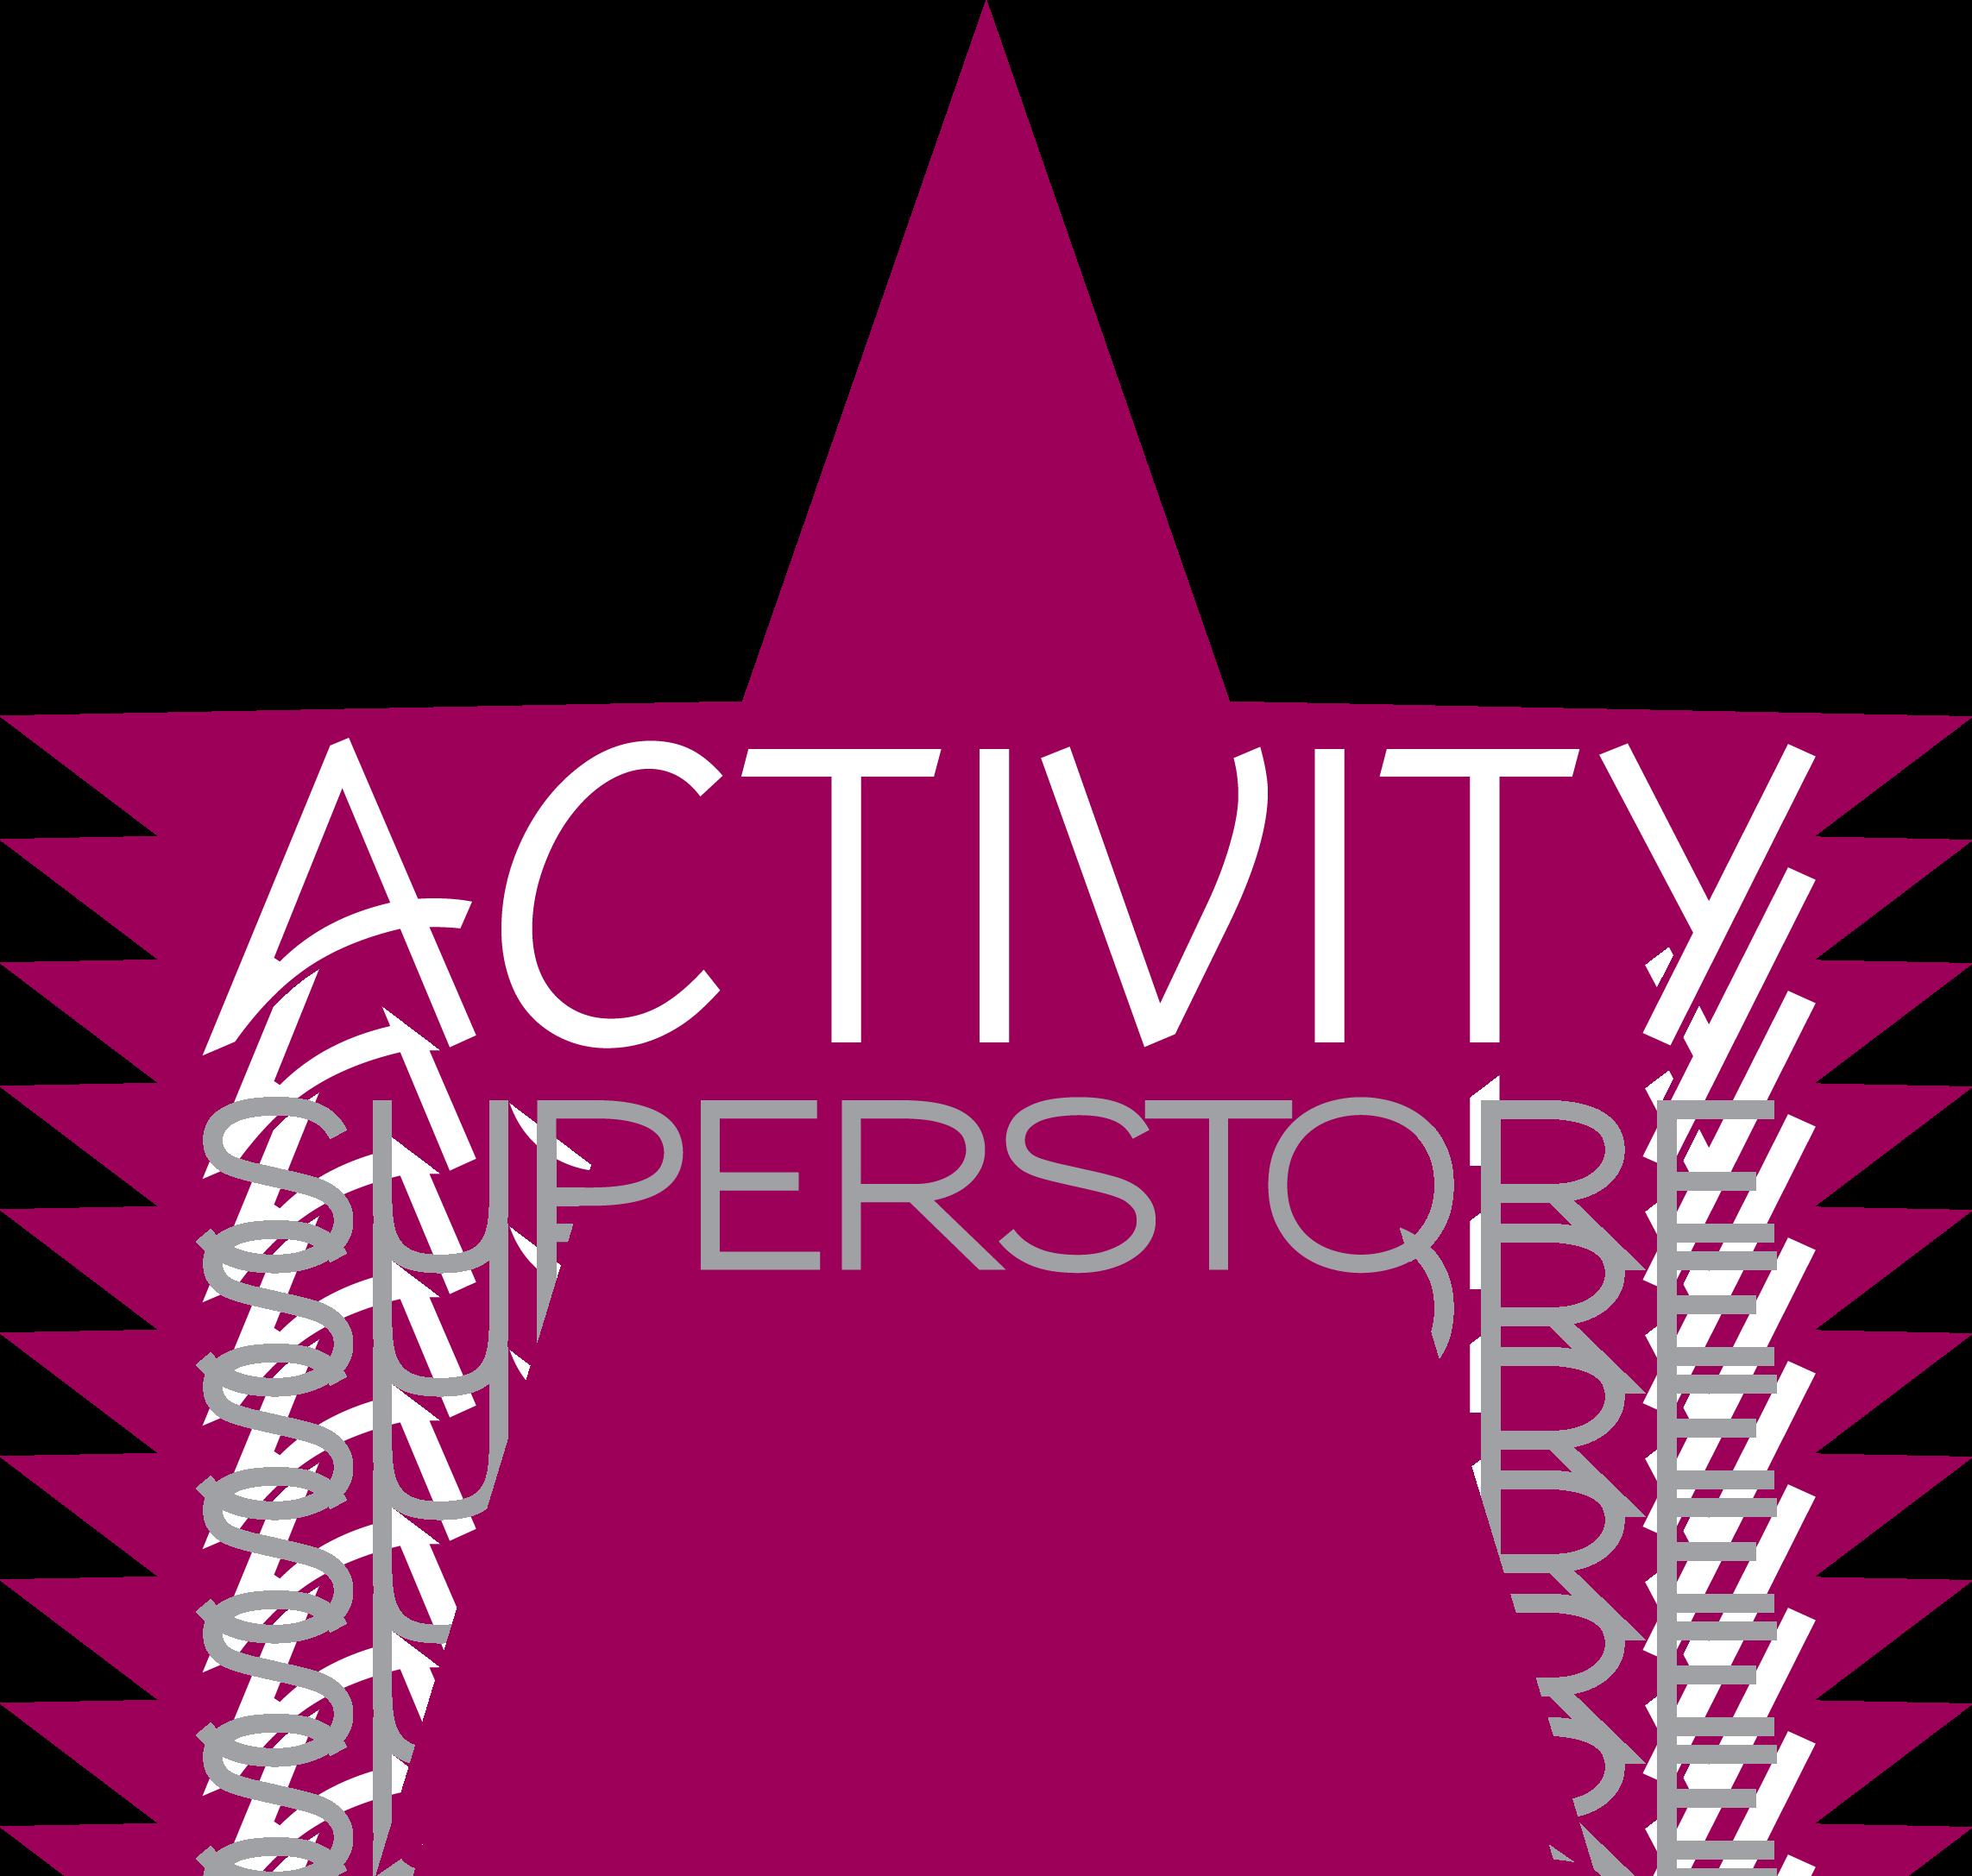 Activity Superstore